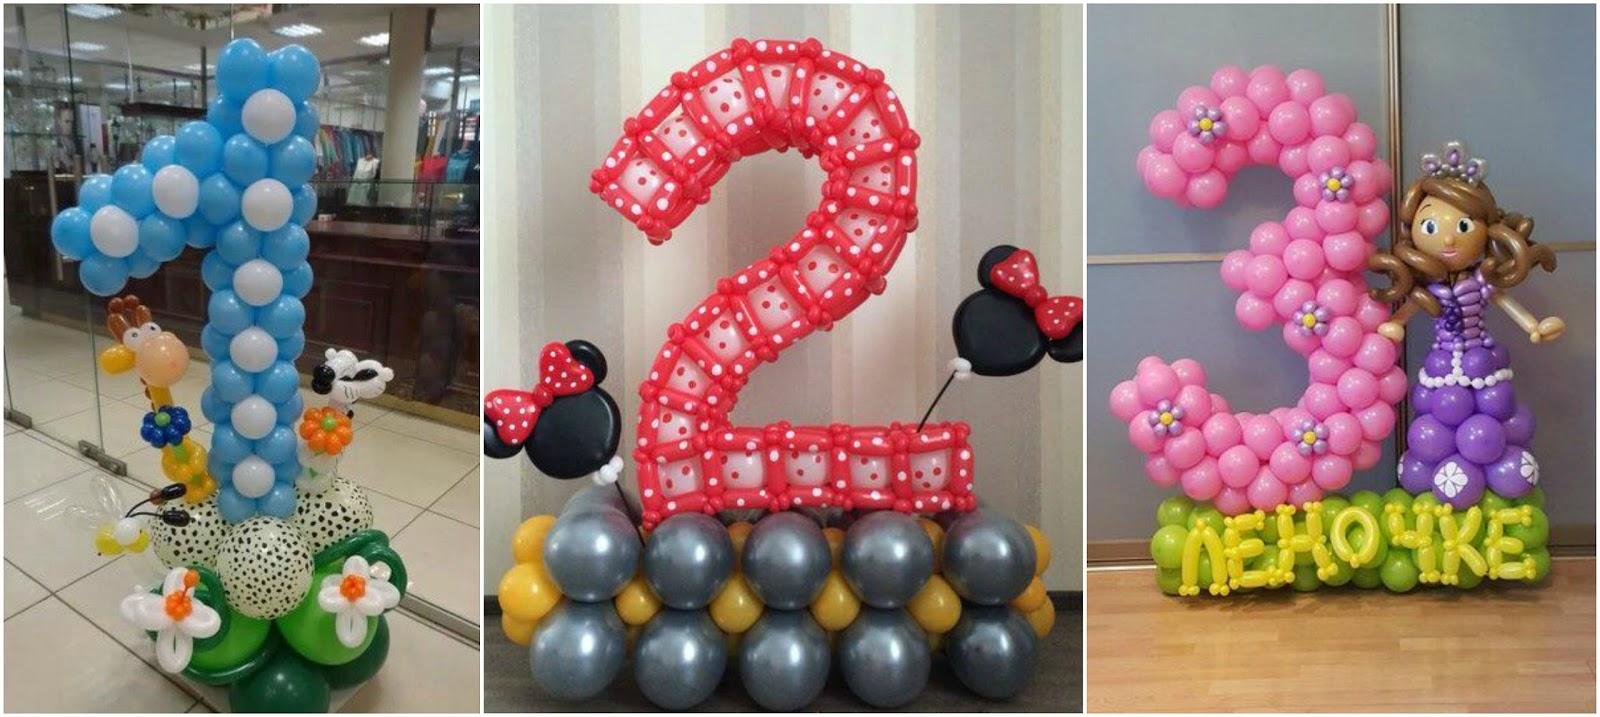 V deo tutorial aprende c mo hacer n meros decorativos con - Como hacer decoracion con globos ...